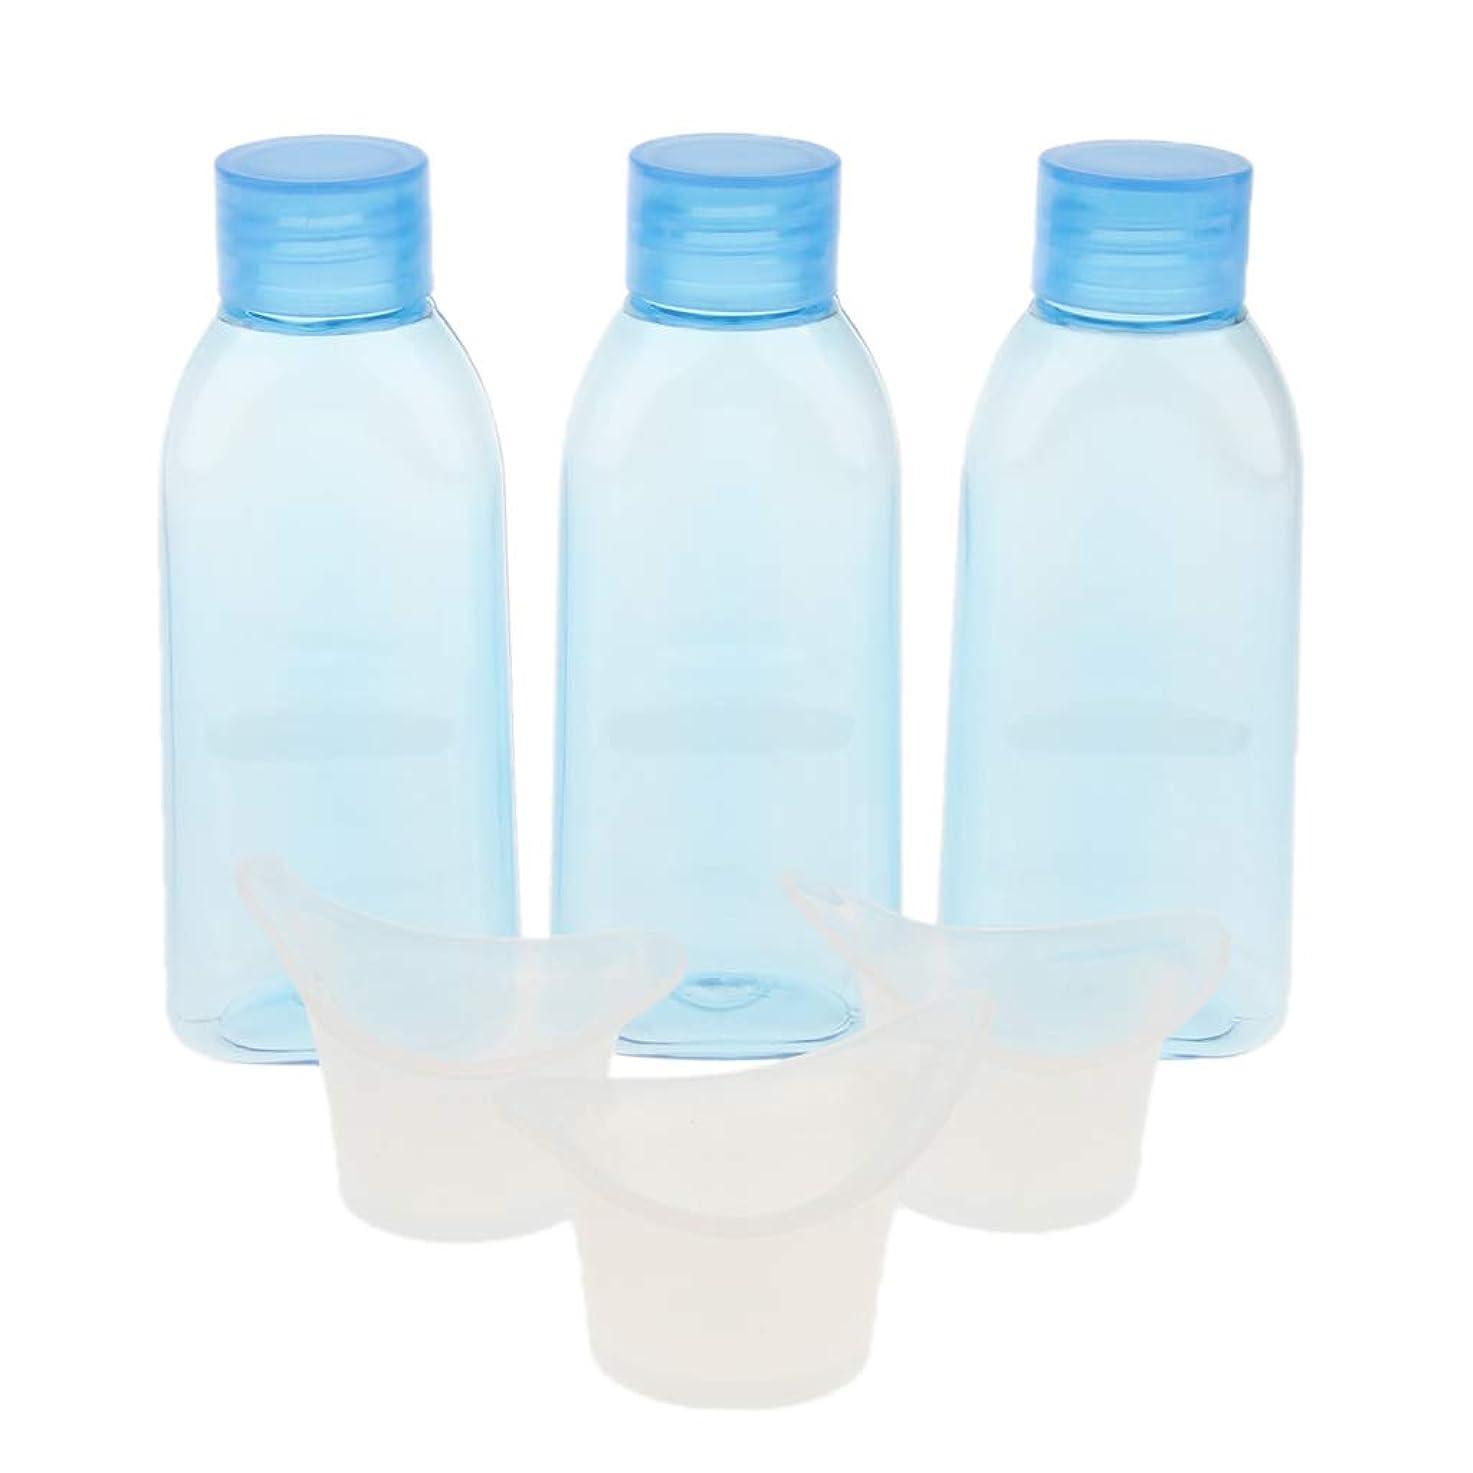 アテンダント鉛筆熱心FLAMEER 3セット アイスウォッシュ ボトル カップ 洗浄用 洗眼容器 2サイズ選べ - 100ミリリットル